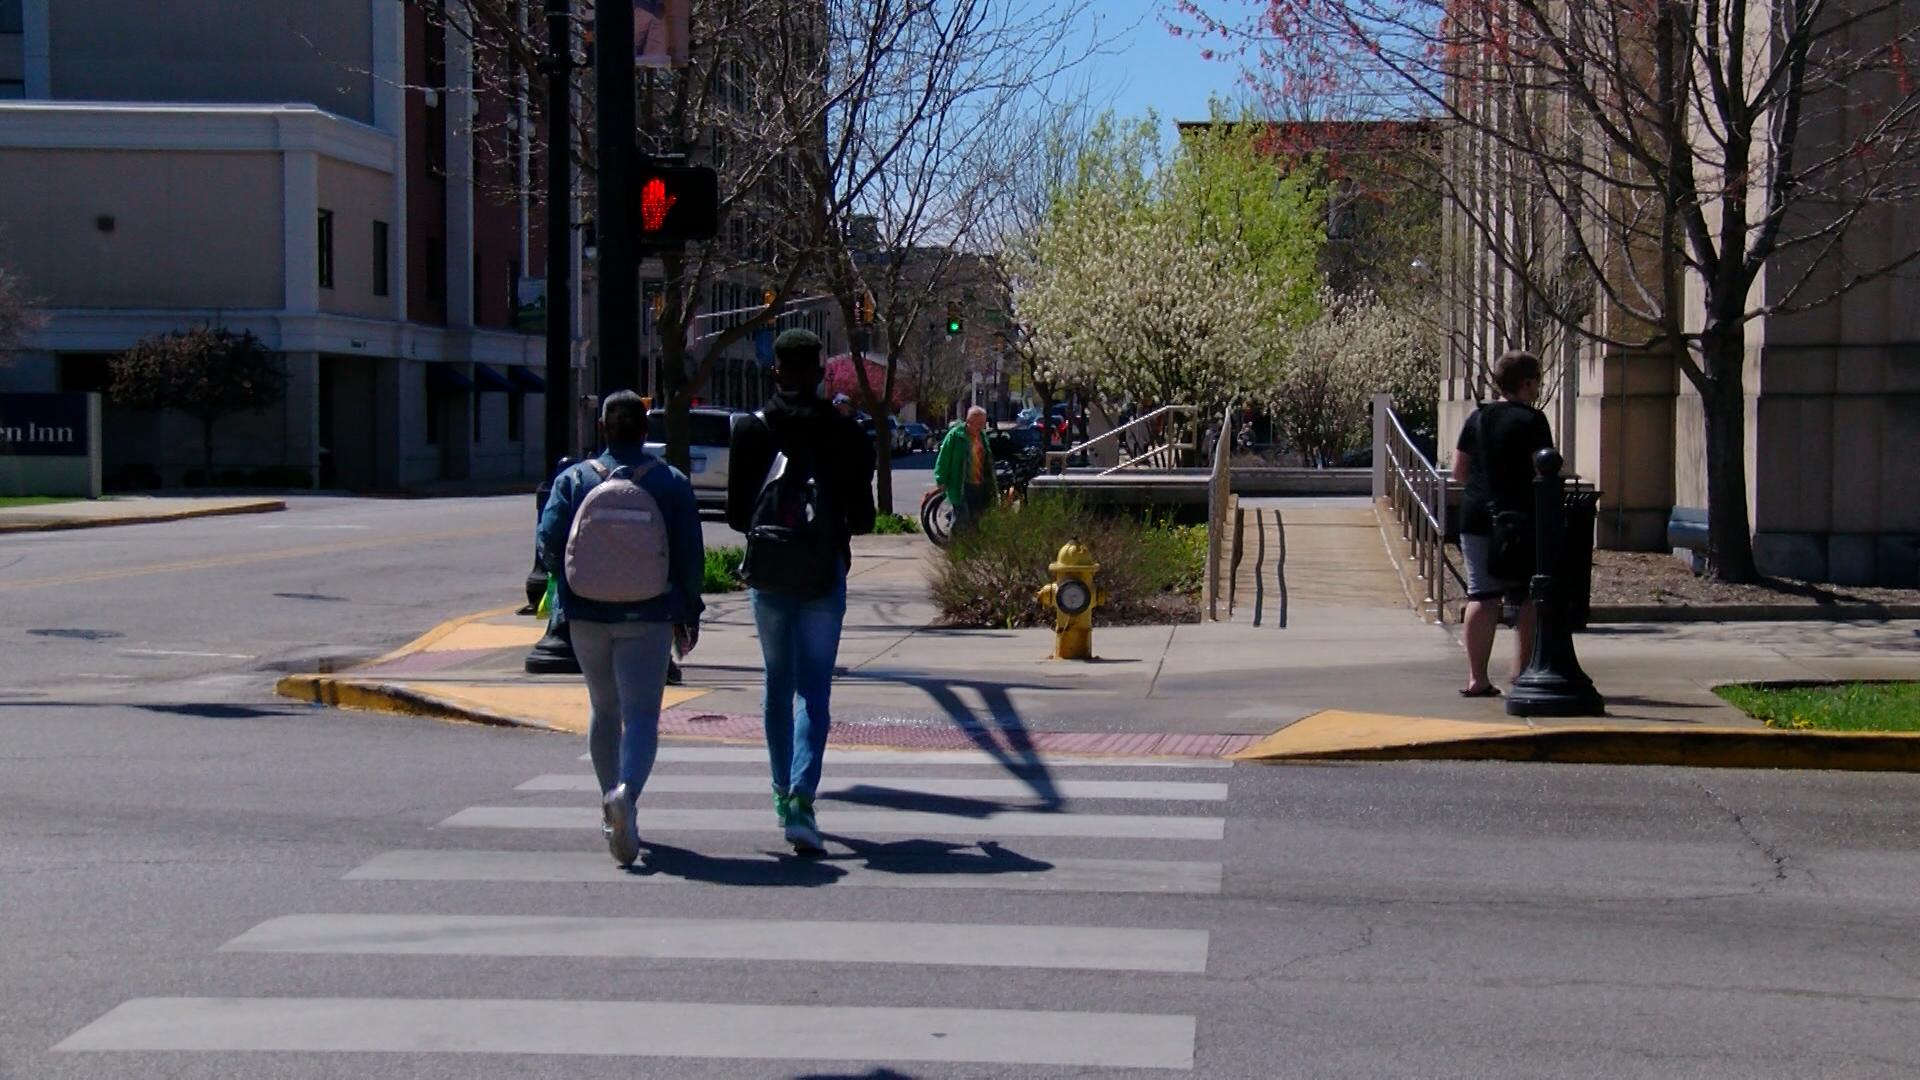 pedestrian_1524778629876.jpg